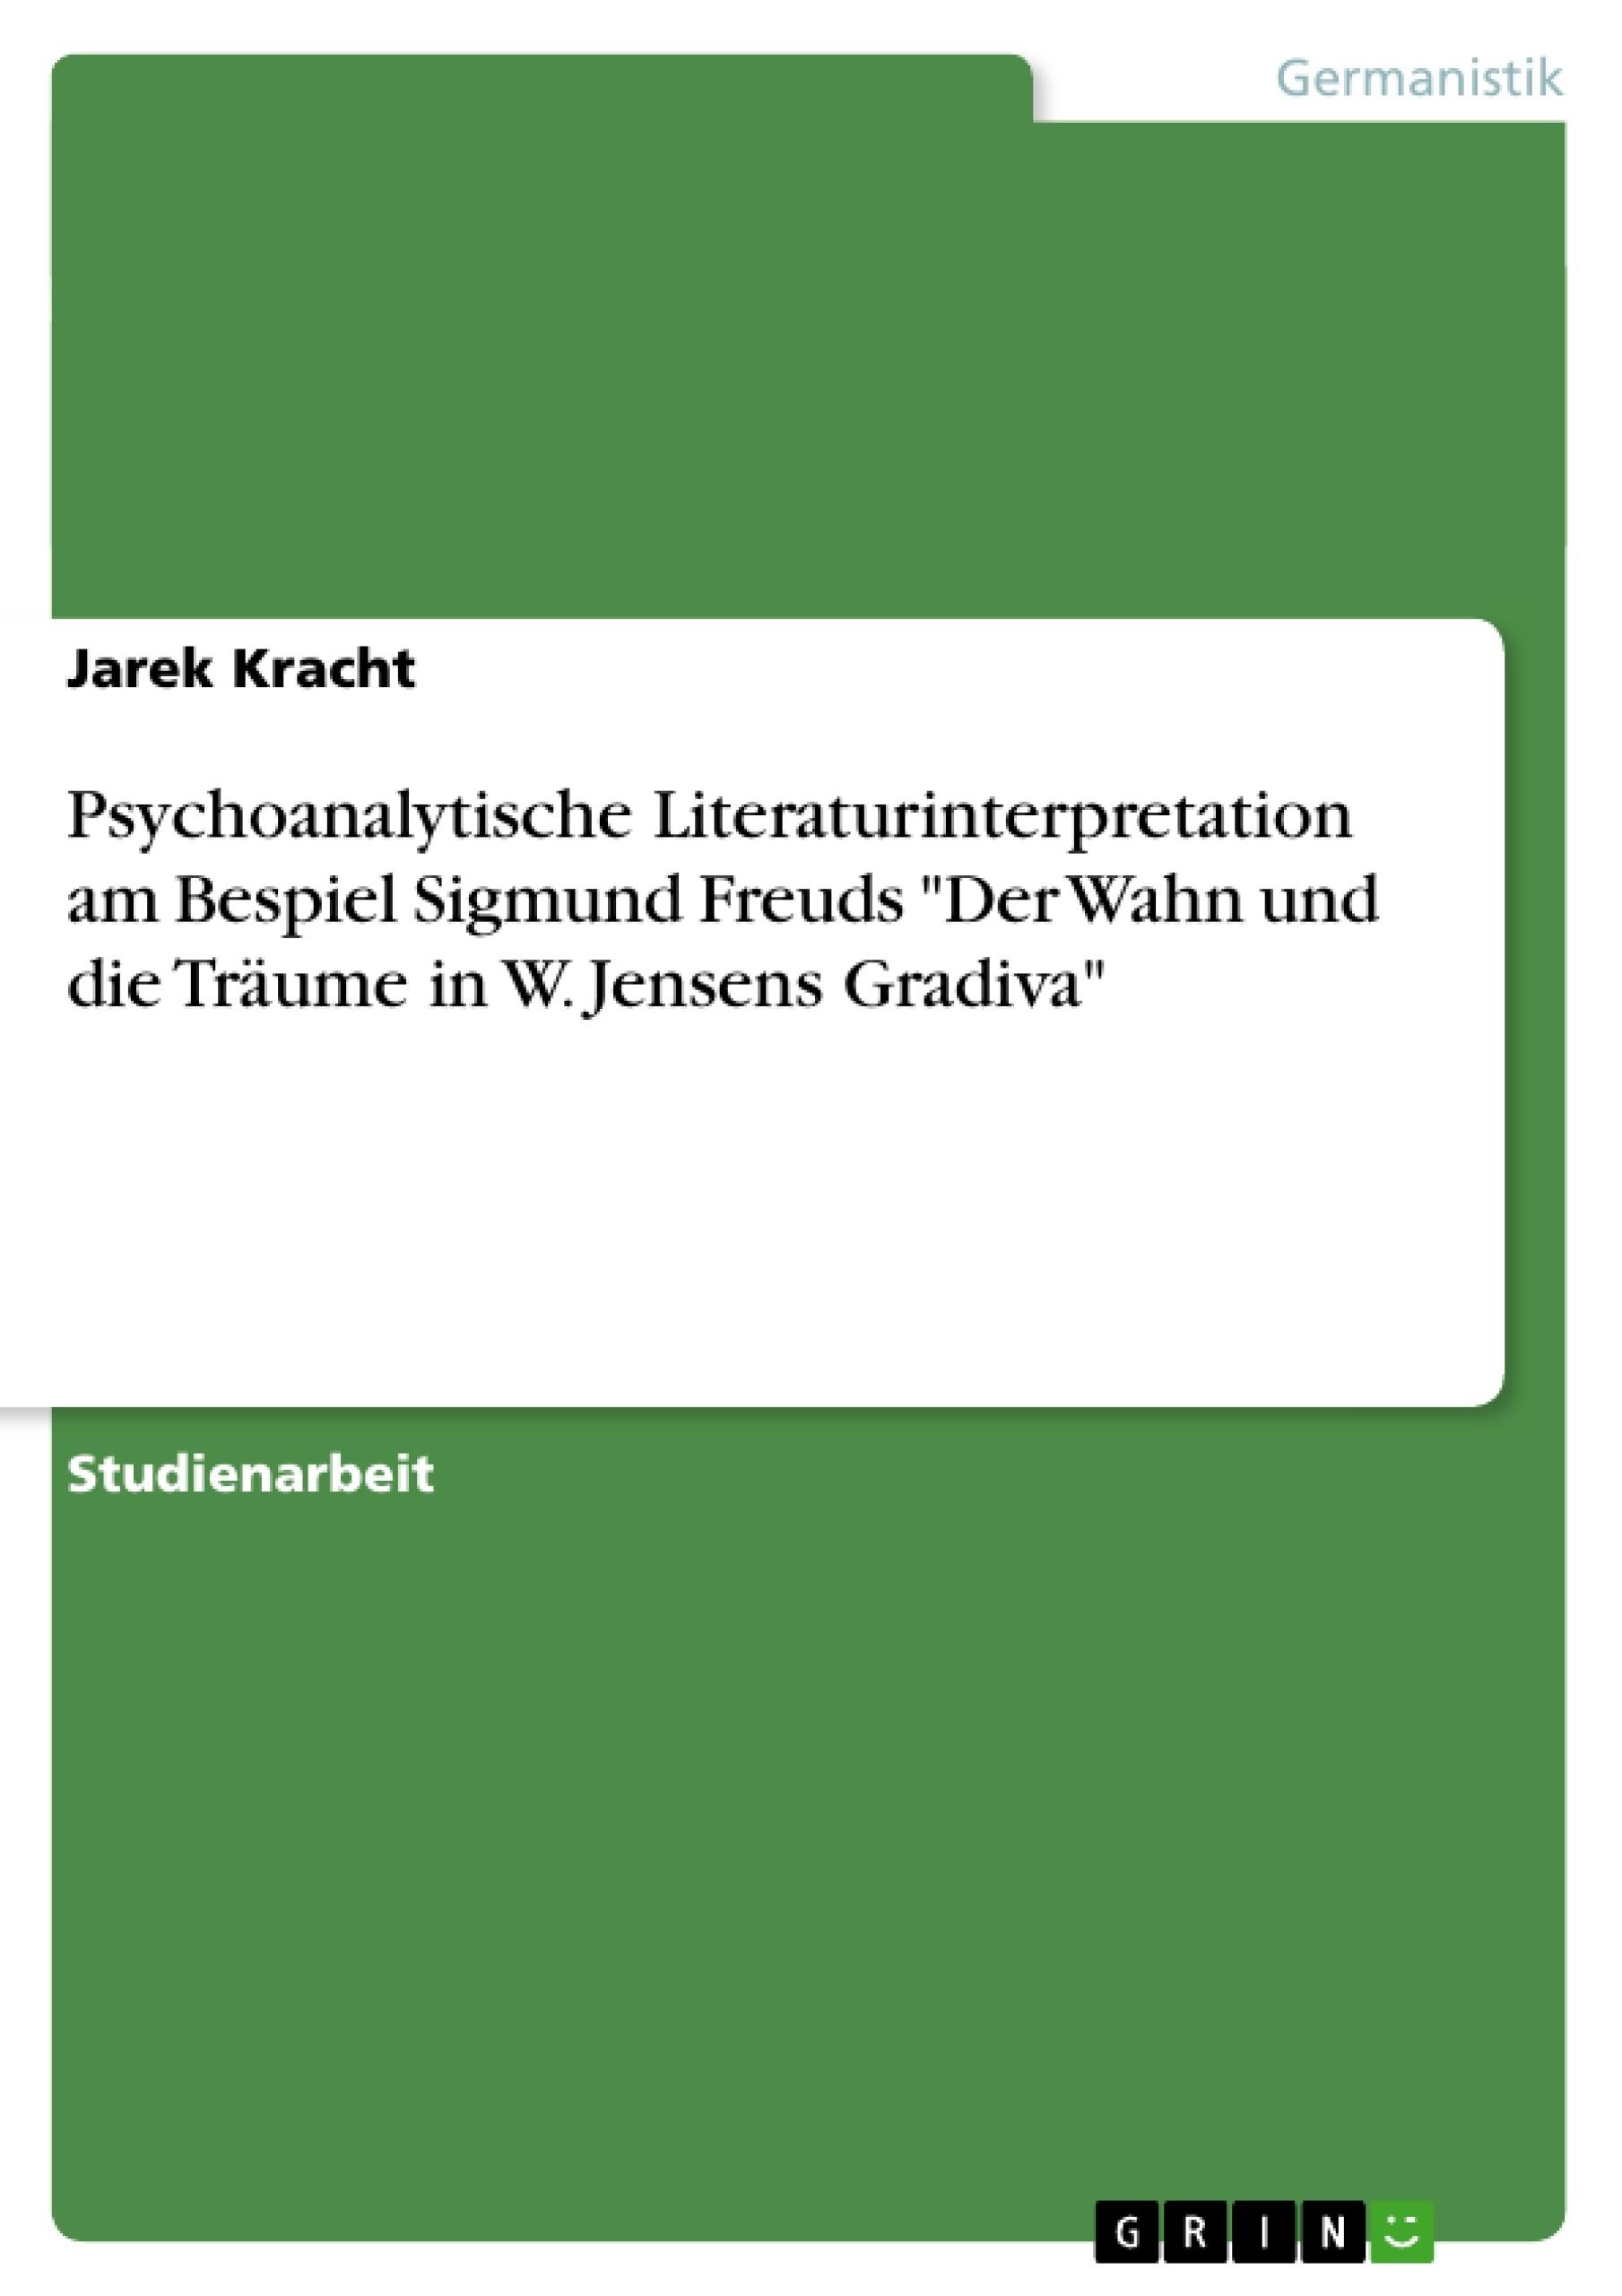 """Titel: Psychoanalytische Literaturinterpretation am Bespiel Sigmund Freuds """"Der Wahn und die Träume in W. Jensens Gradiva"""""""